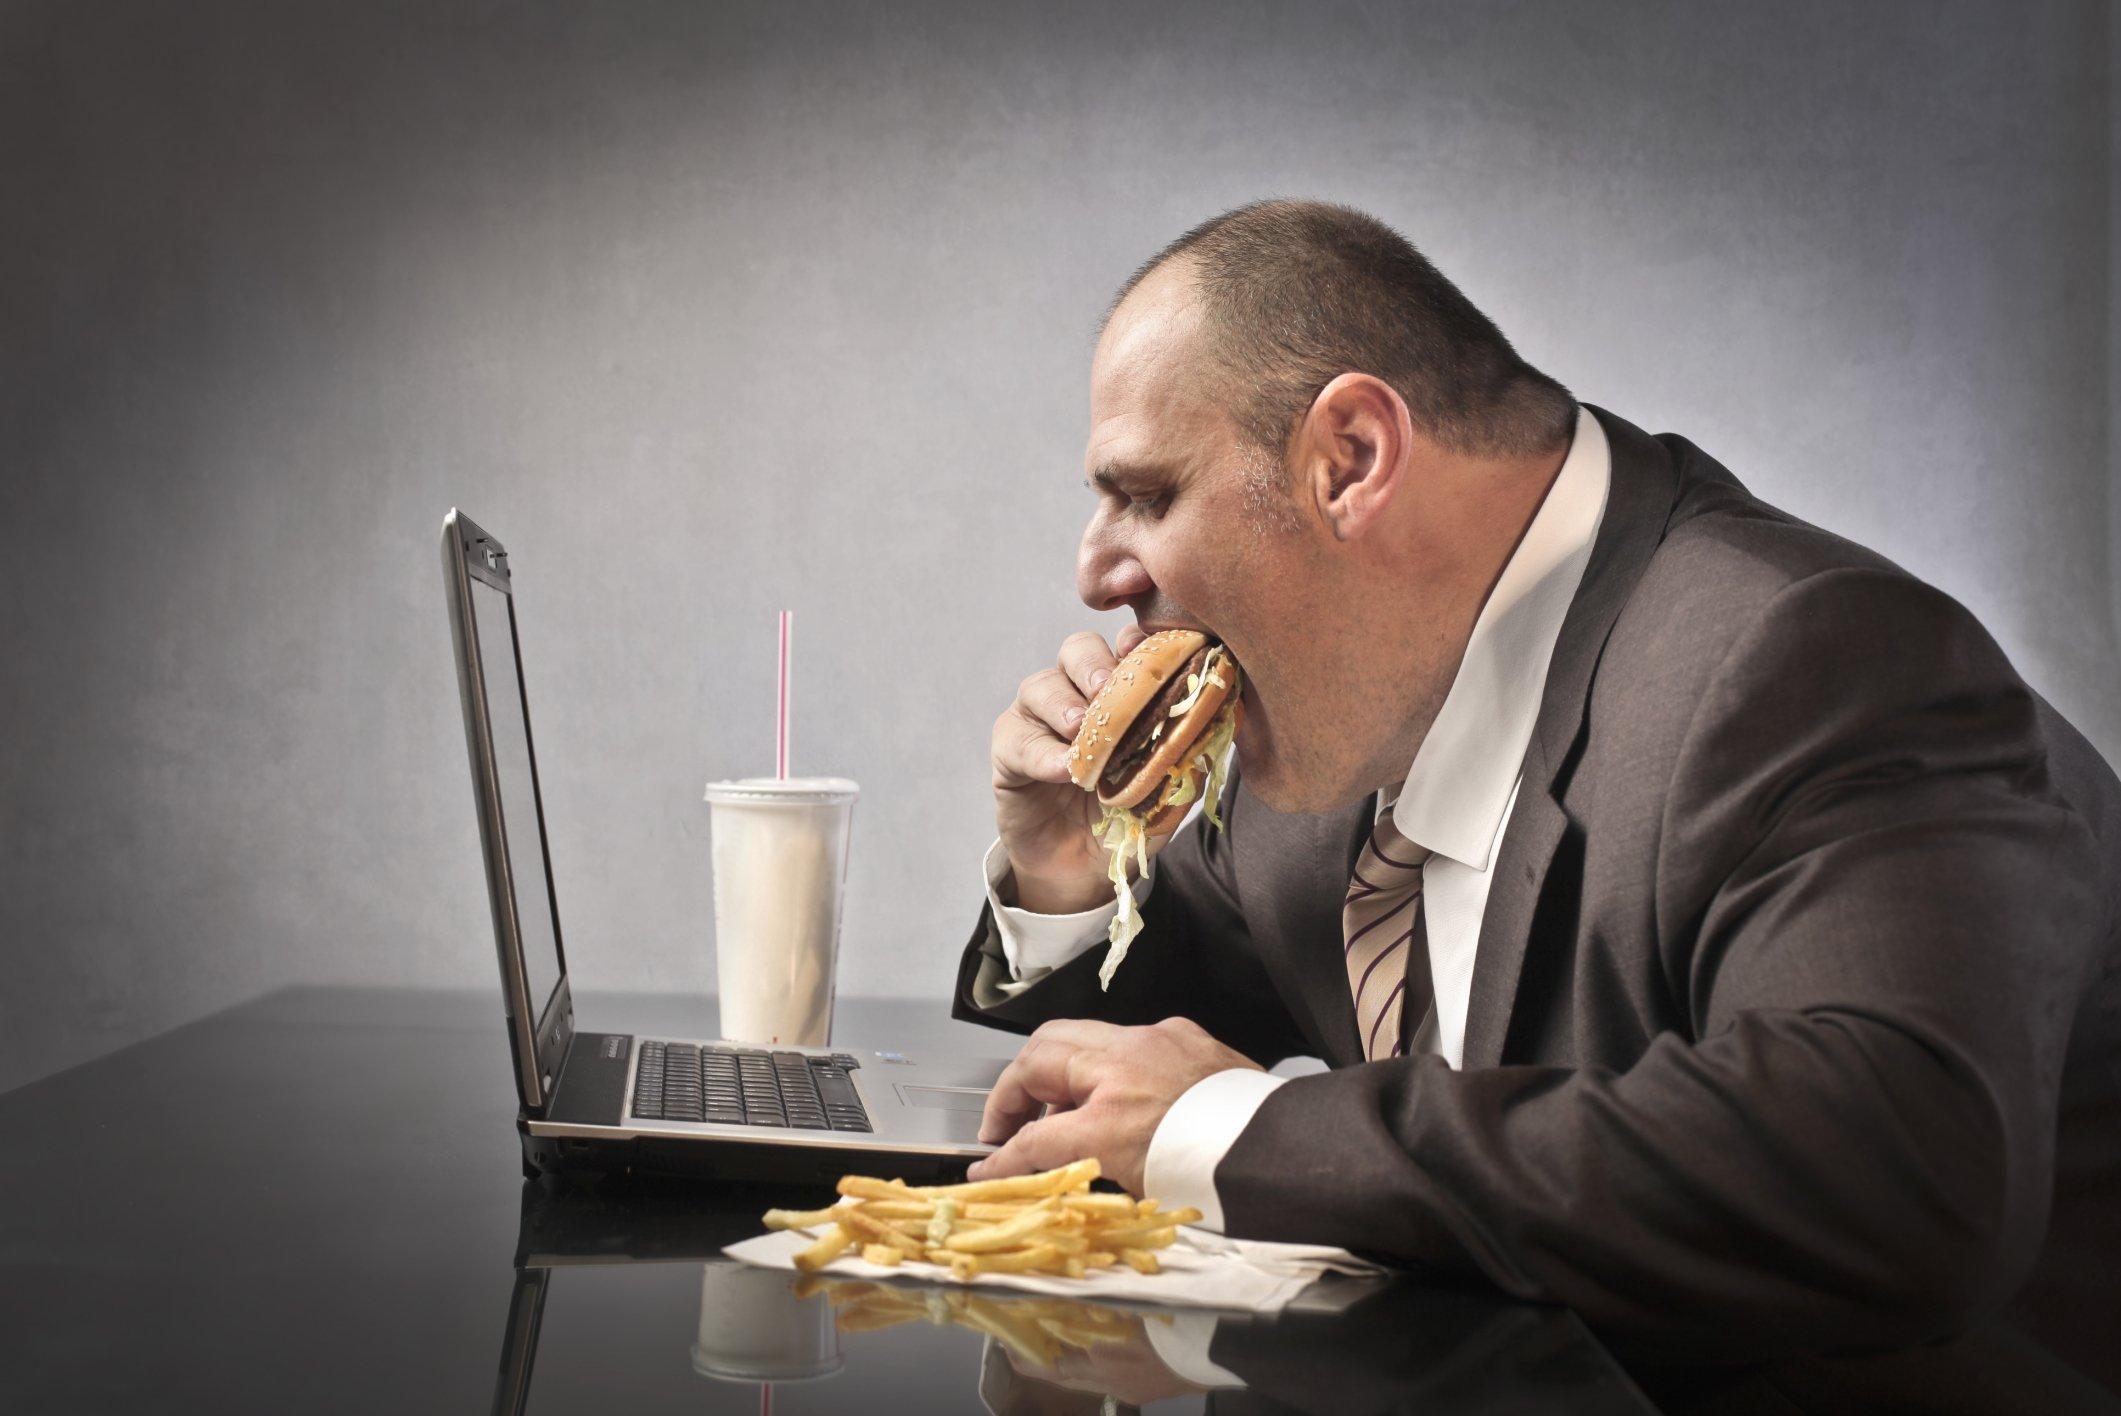 9 23 social media and obesity.jpg?resize=300,169 - 5 motivos pelos quais as pessoas engordam no trabalho